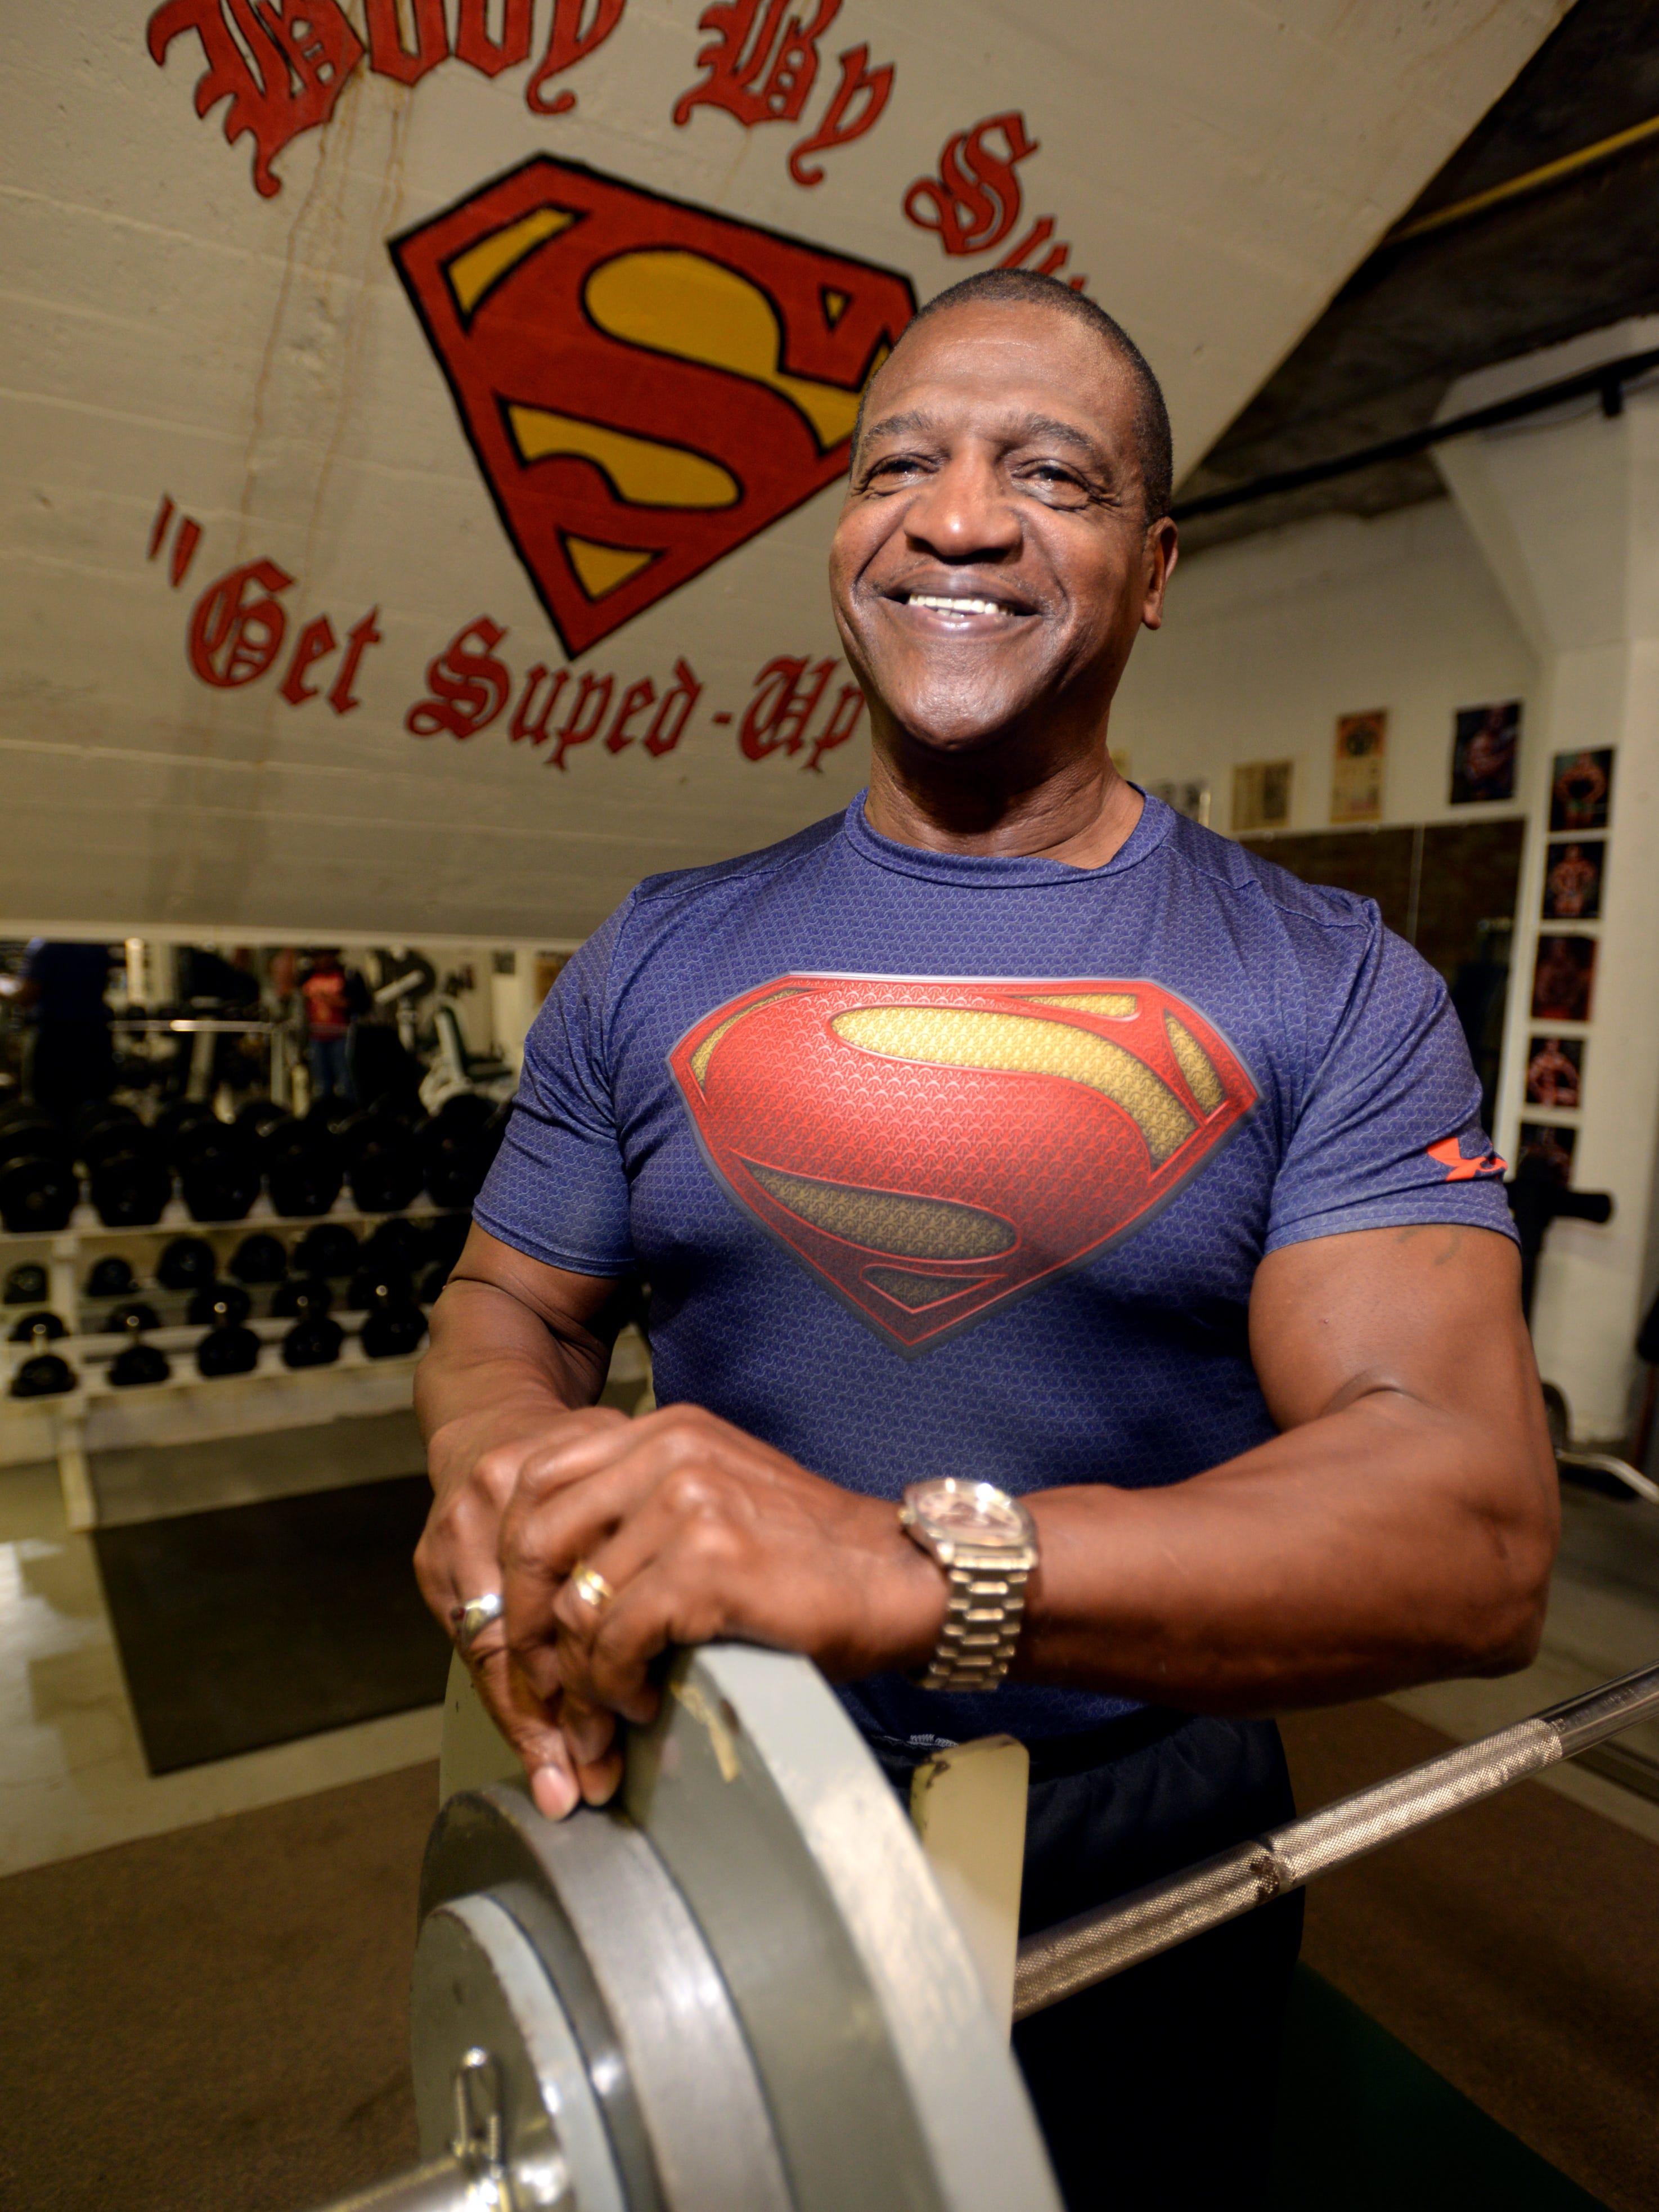 Mann bodybuilder Rick Valente